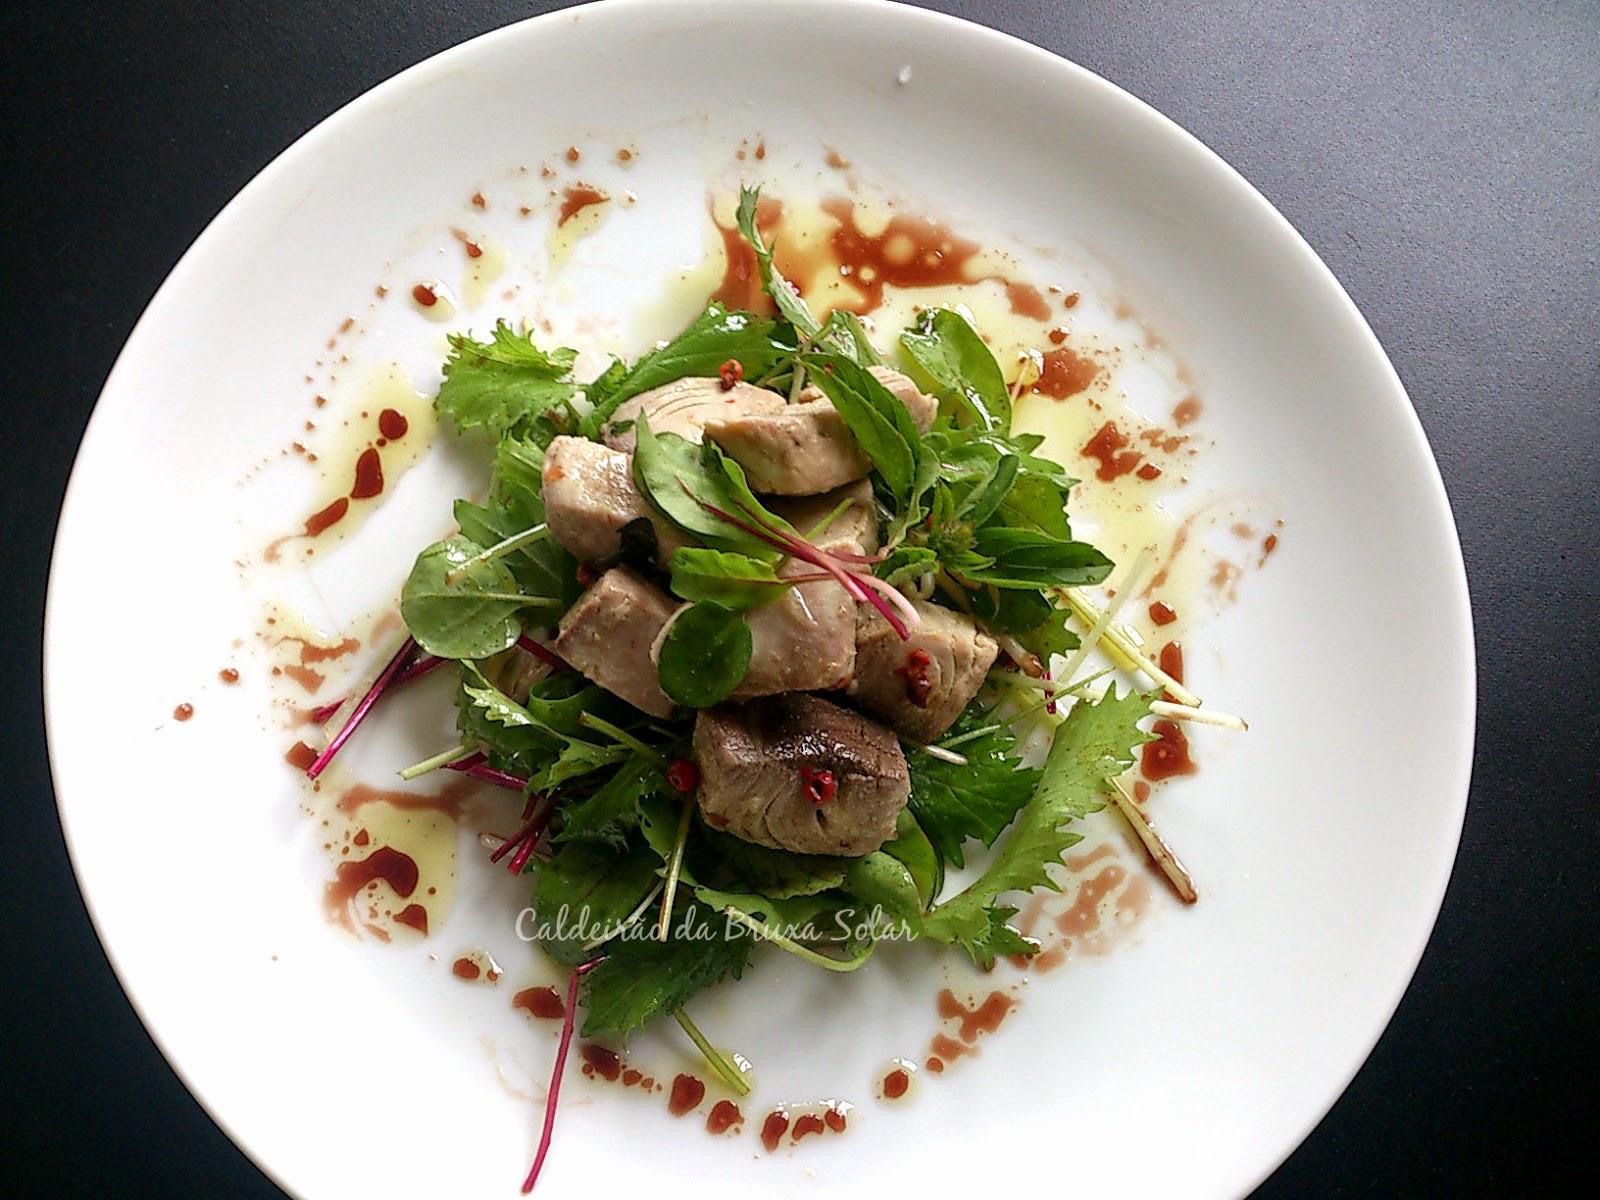 Conserva de atum fresco em azeite com ervas